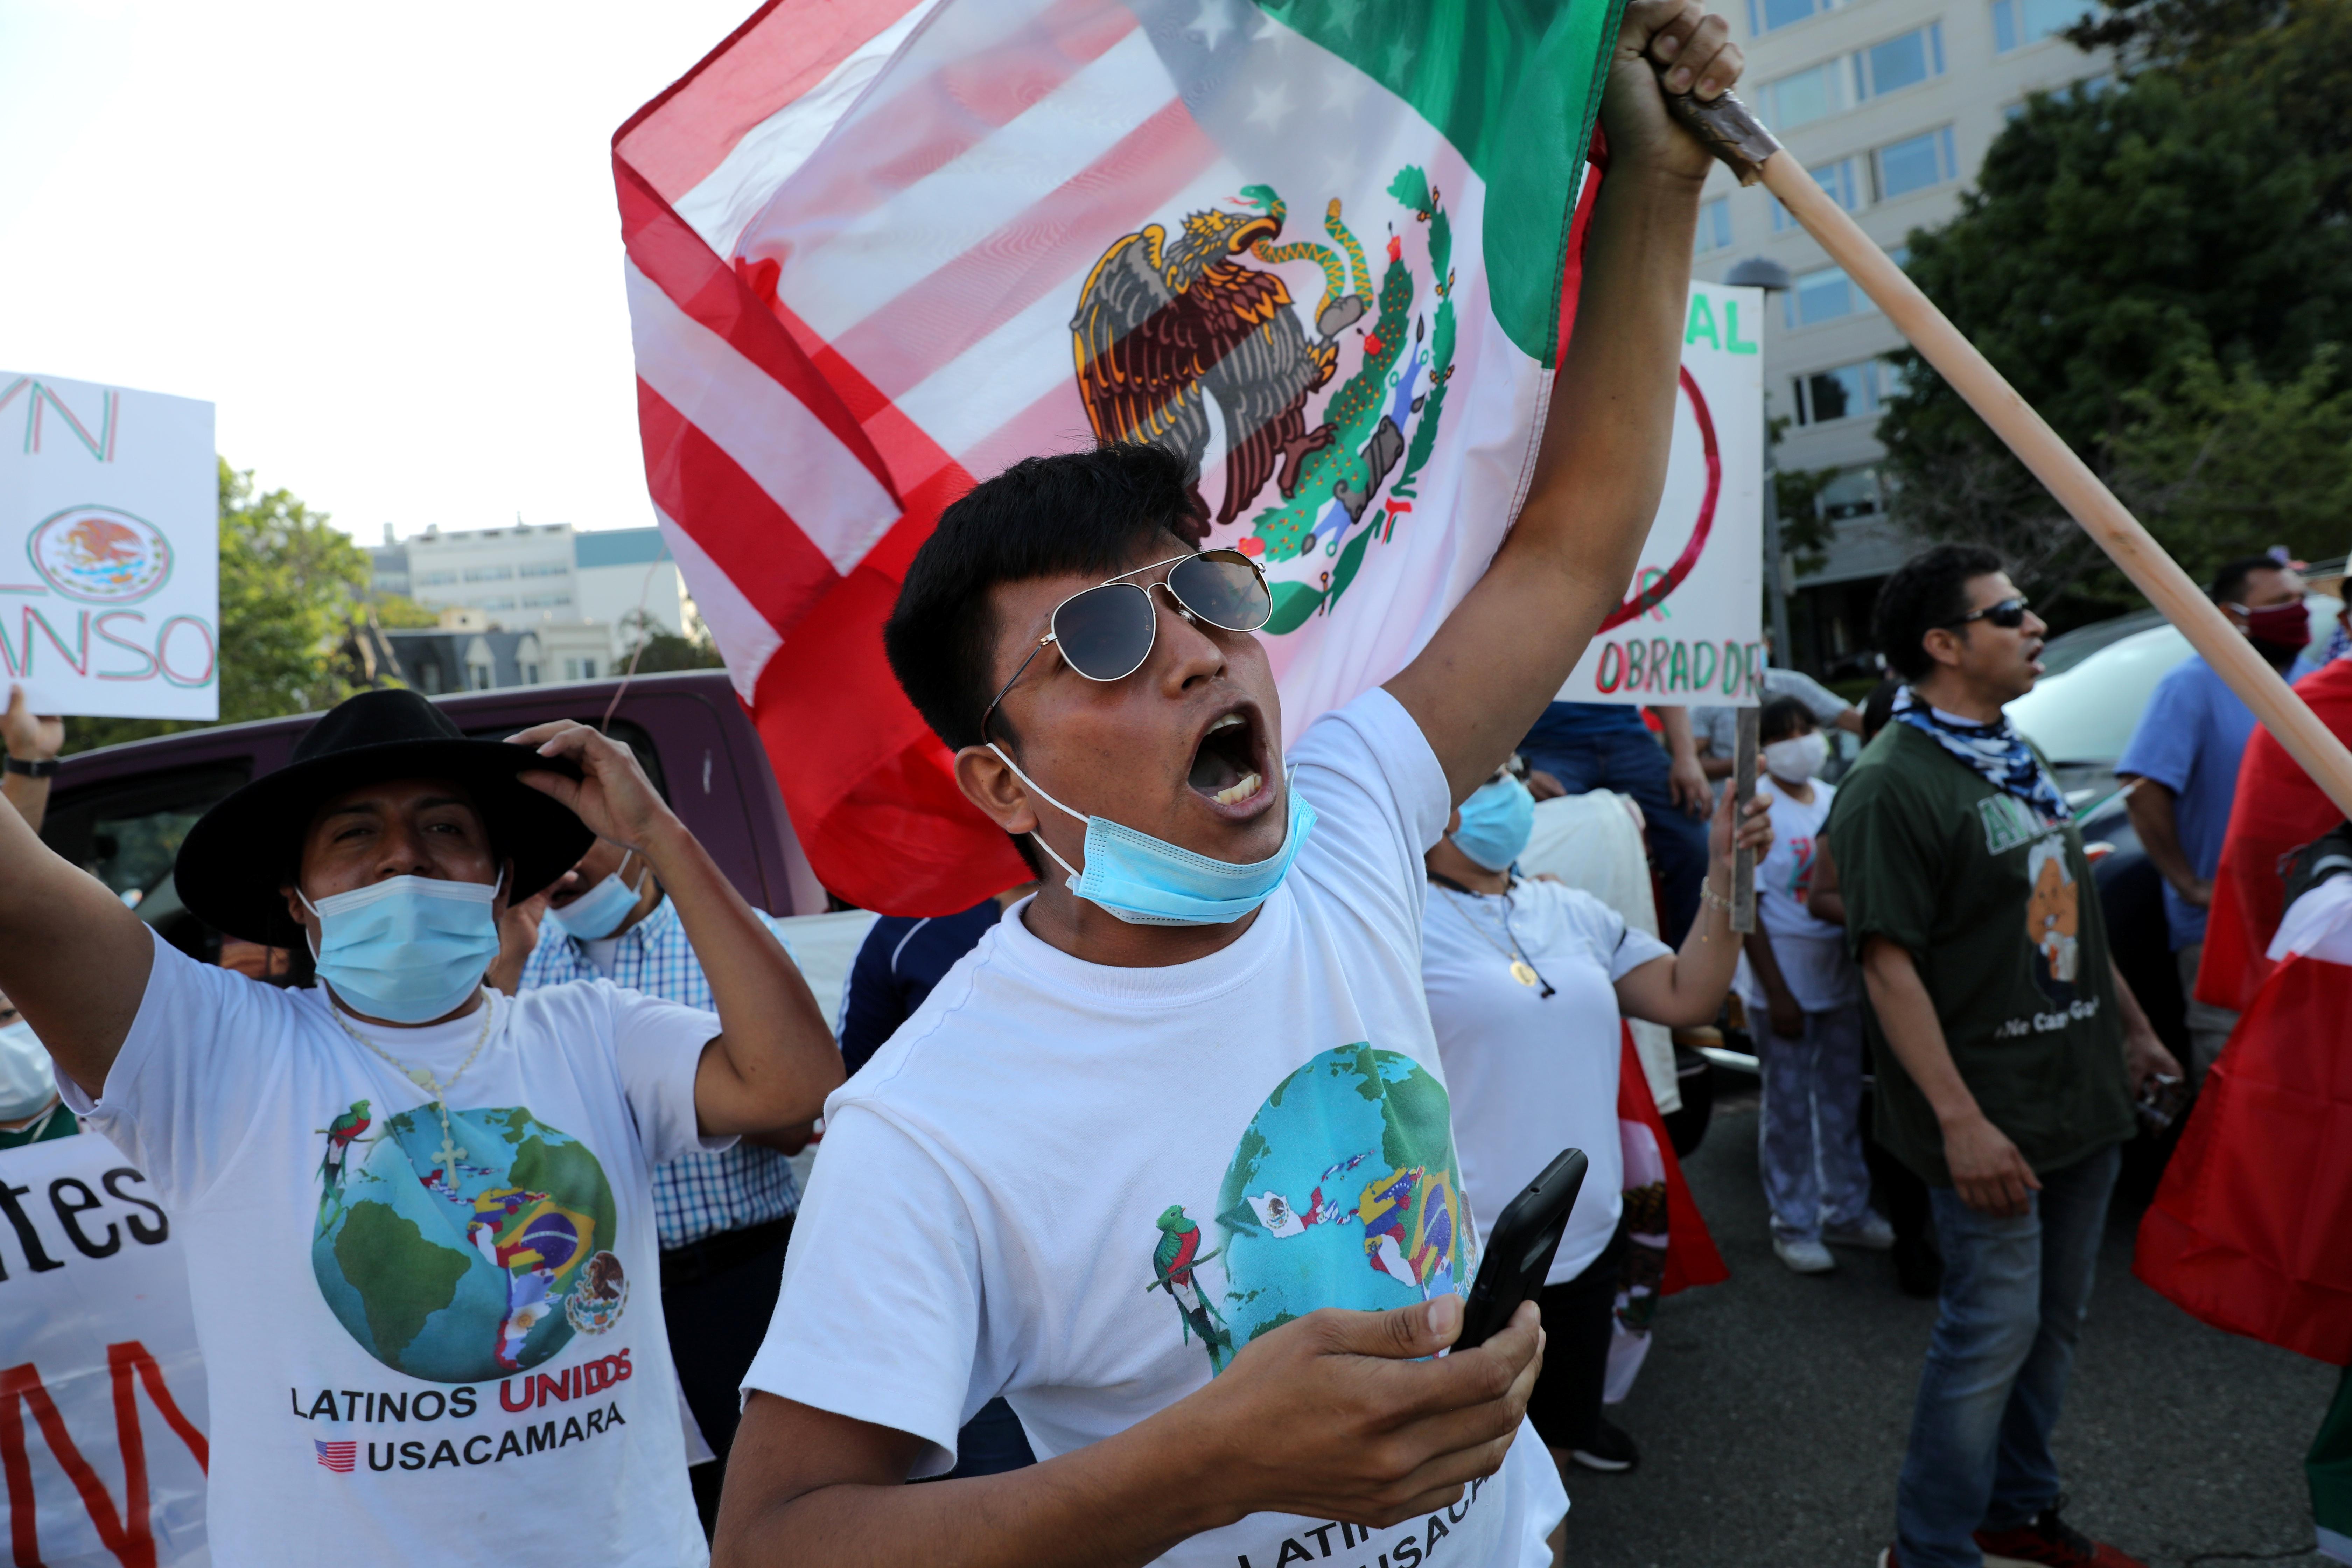 Los seguidores del presidente de México, Andrés Manuel López Obrador, gritan consignas mientras esperan su llegada al monumento conmemorativo de Benito Juárez en el centro de Washington DC, EE. UU., 8 de julio de 2020. (Foto: REUTERS / Carlos Barria)